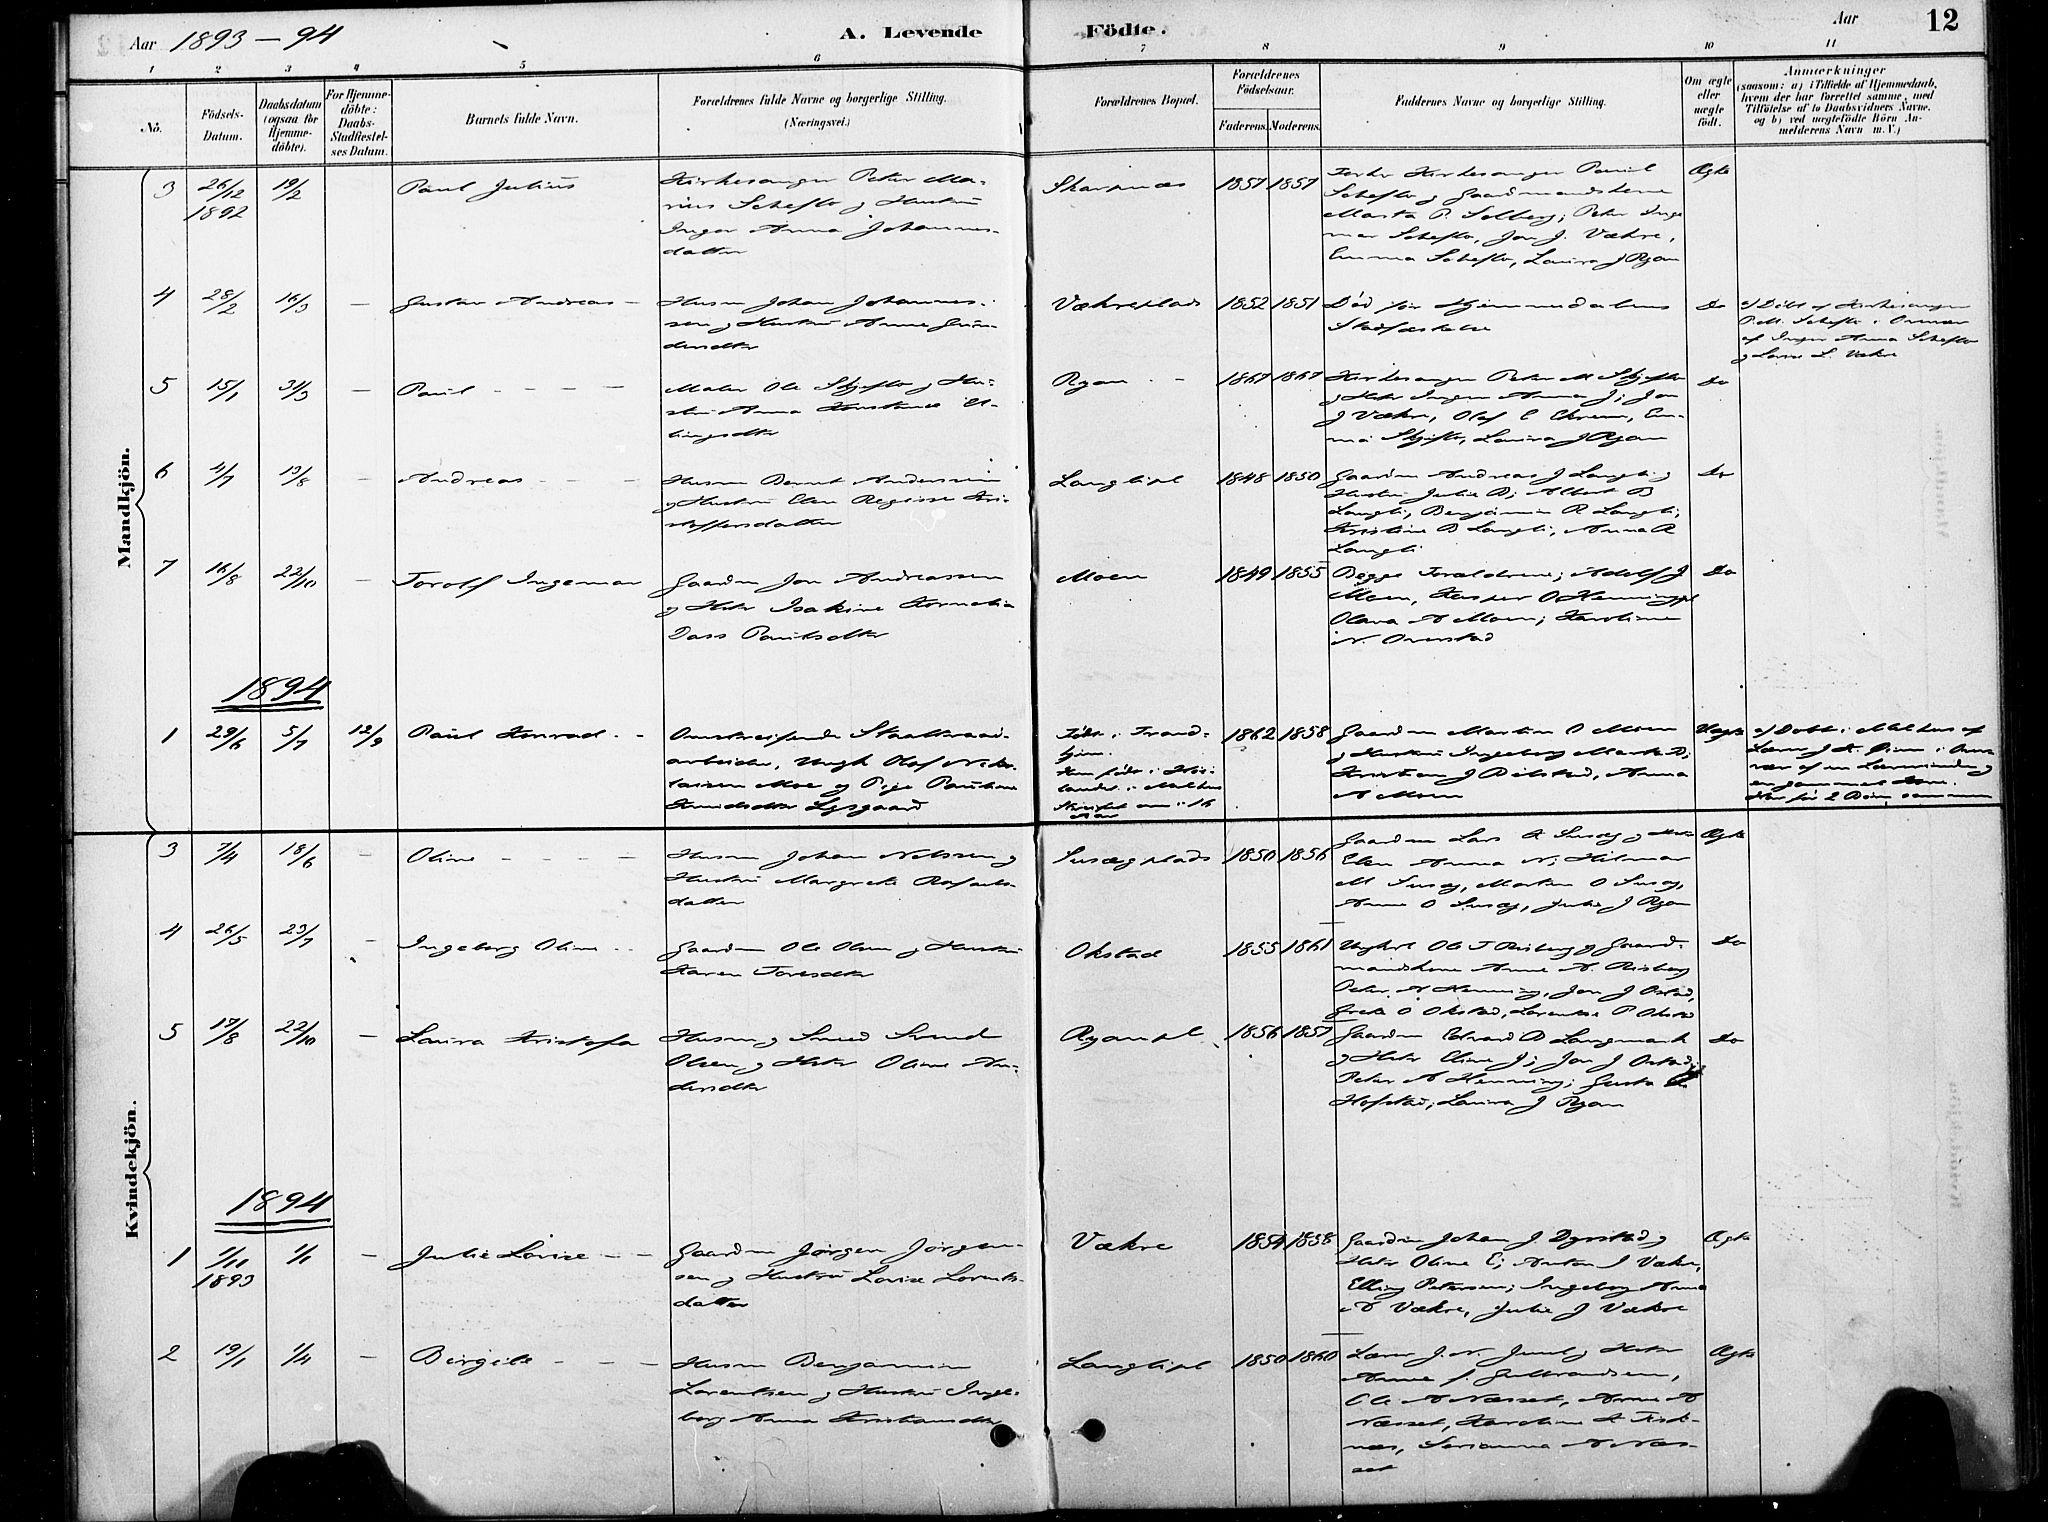 SAT, Ministerialprotokoller, klokkerbøker og fødselsregistre - Nord-Trøndelag, 738/L0364: Ministerialbok nr. 738A01, 1884-1902, s. 12